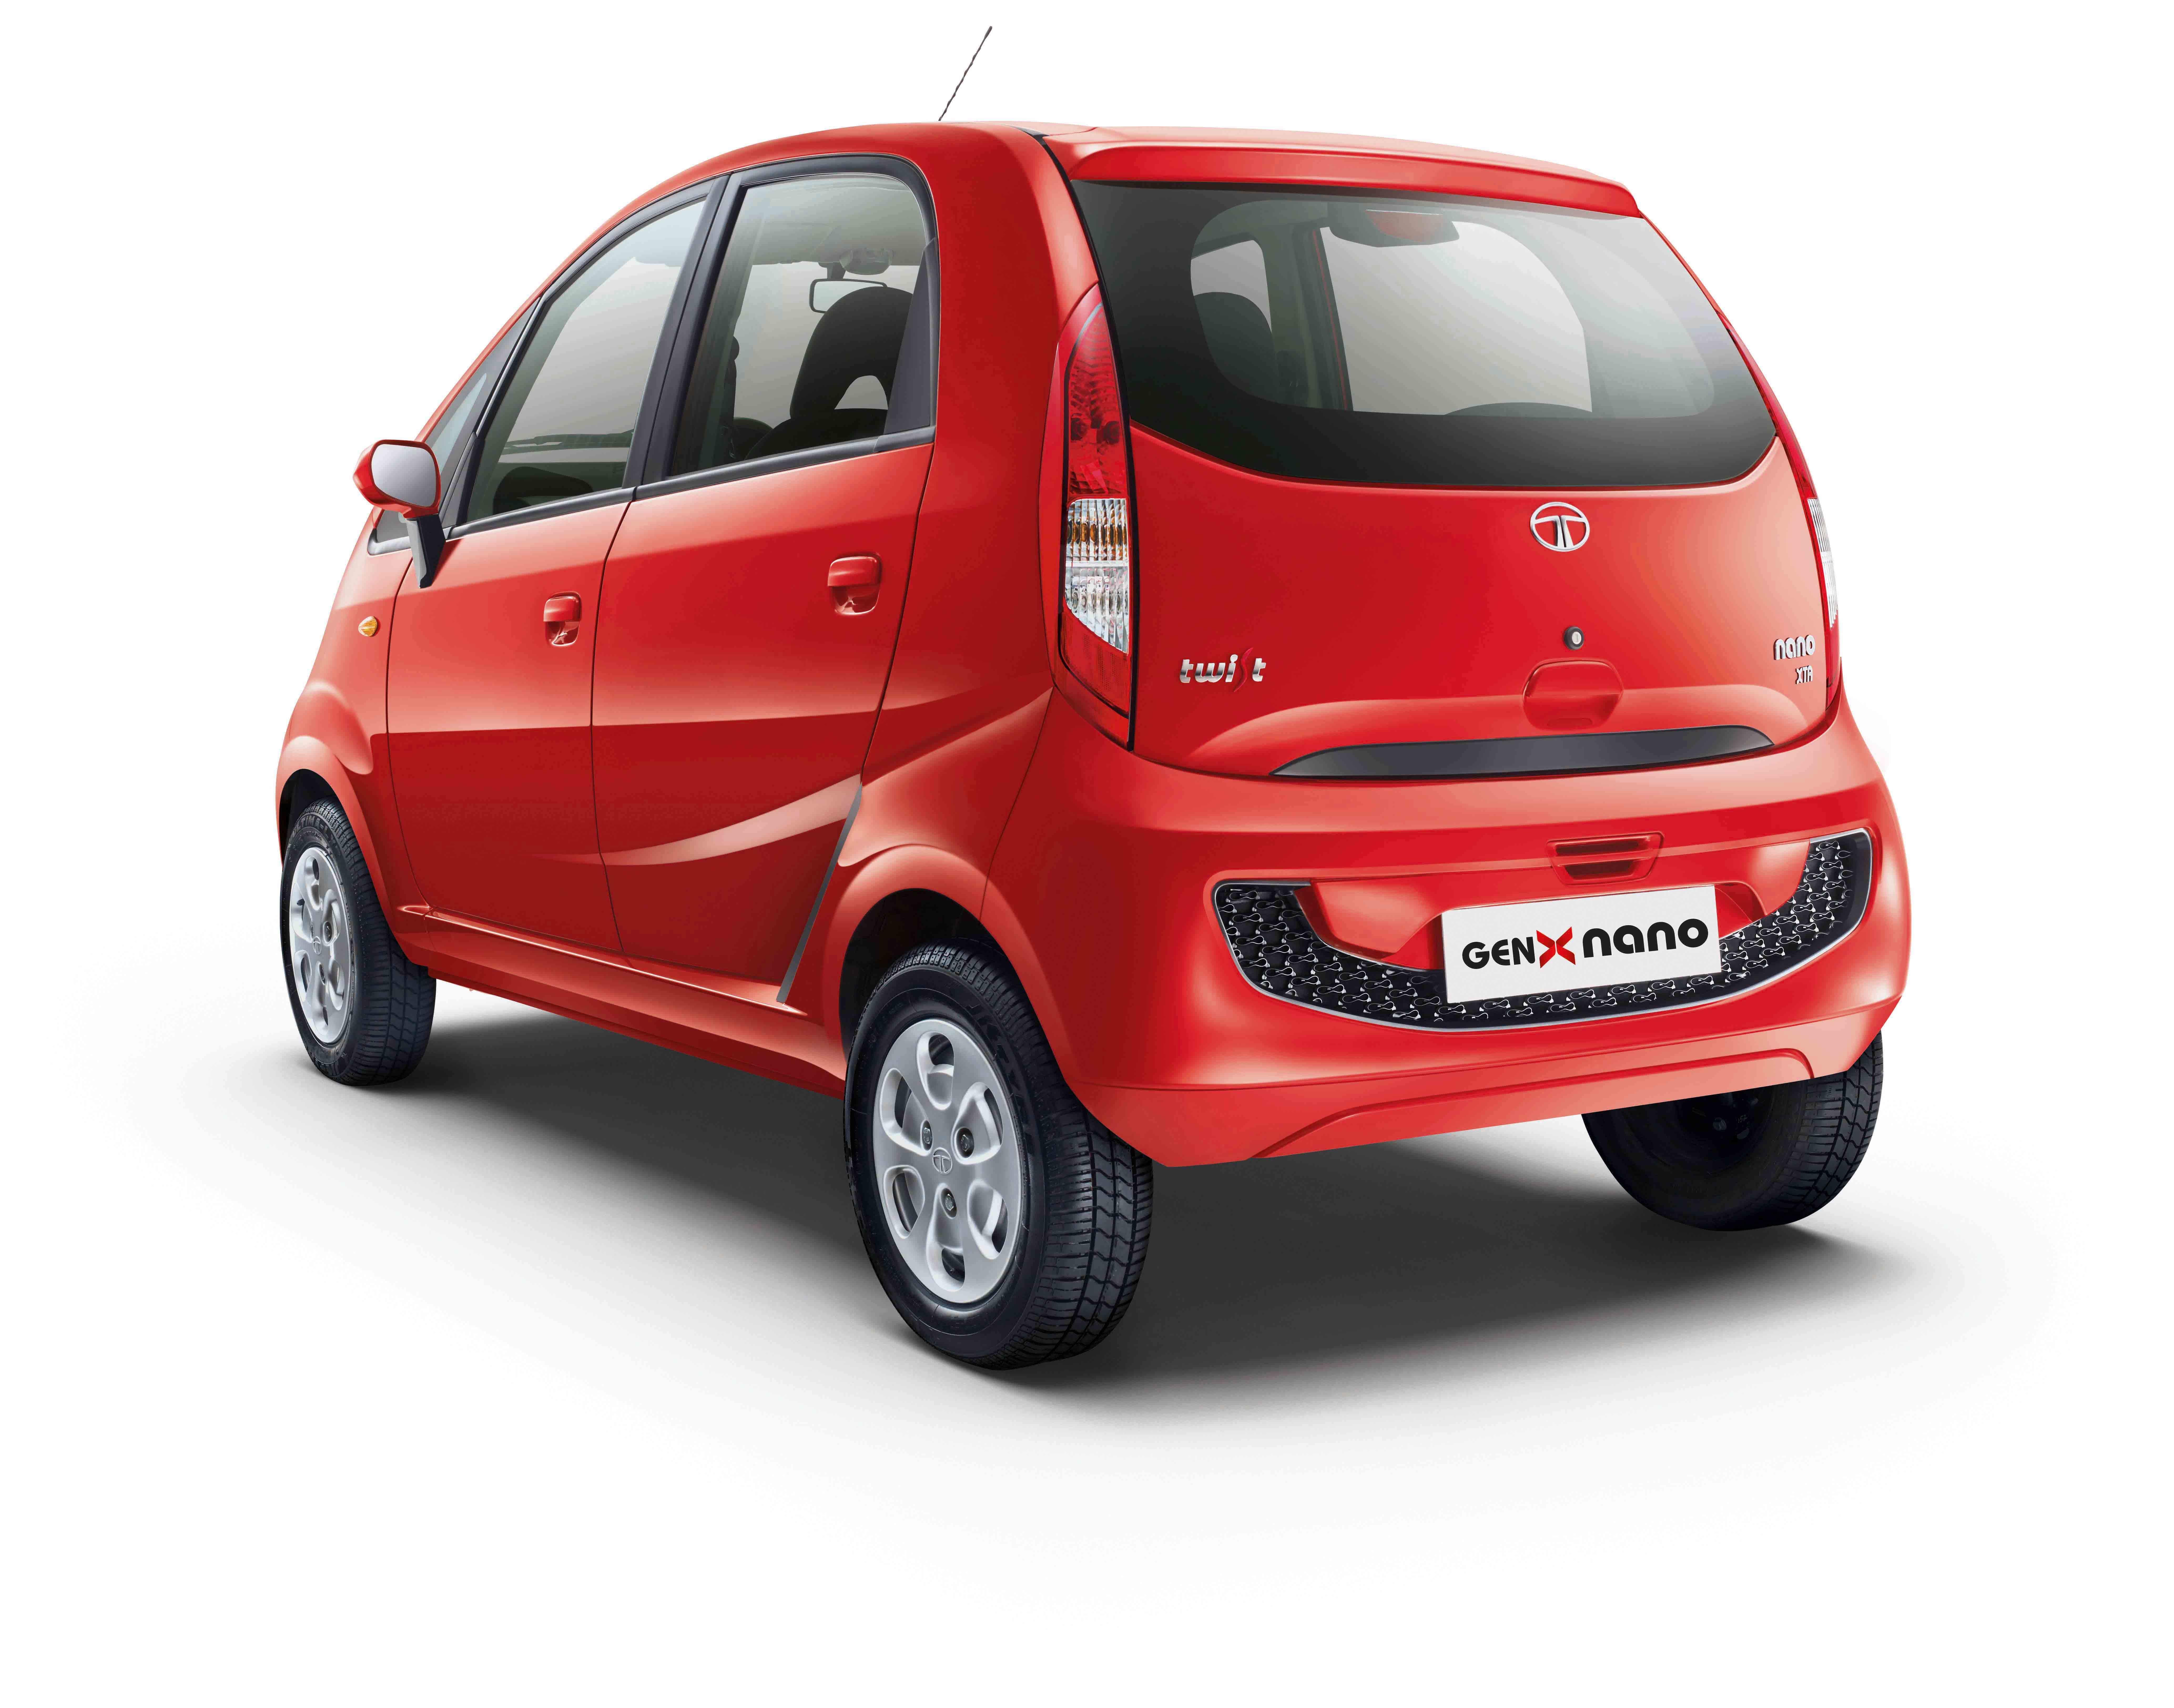 Tata Nano GenX VS Maruti Alto 800 VS Hyundai Eon